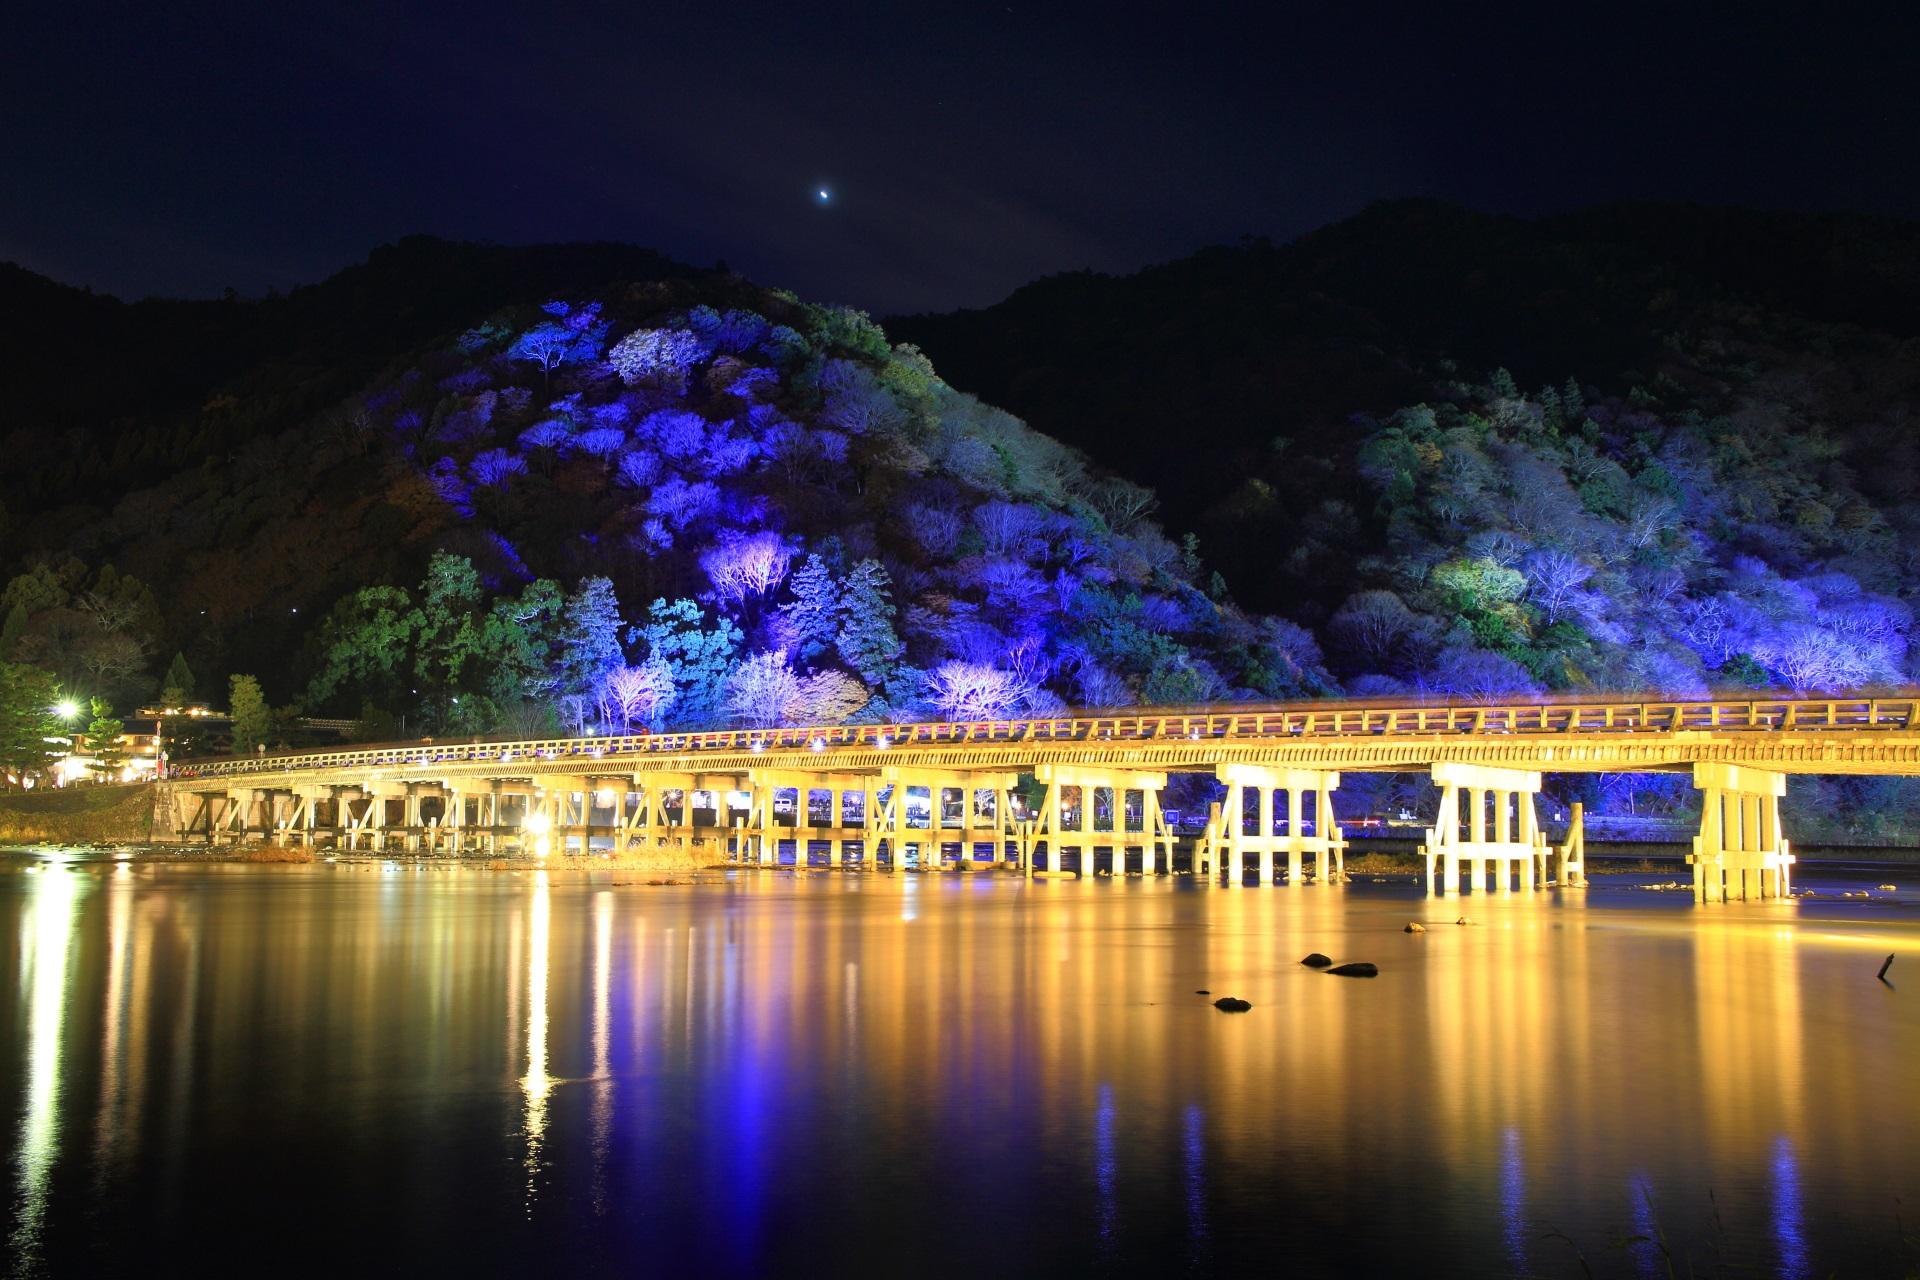 渡月橋 嵐山花灯路 ライトアップ 幻想的